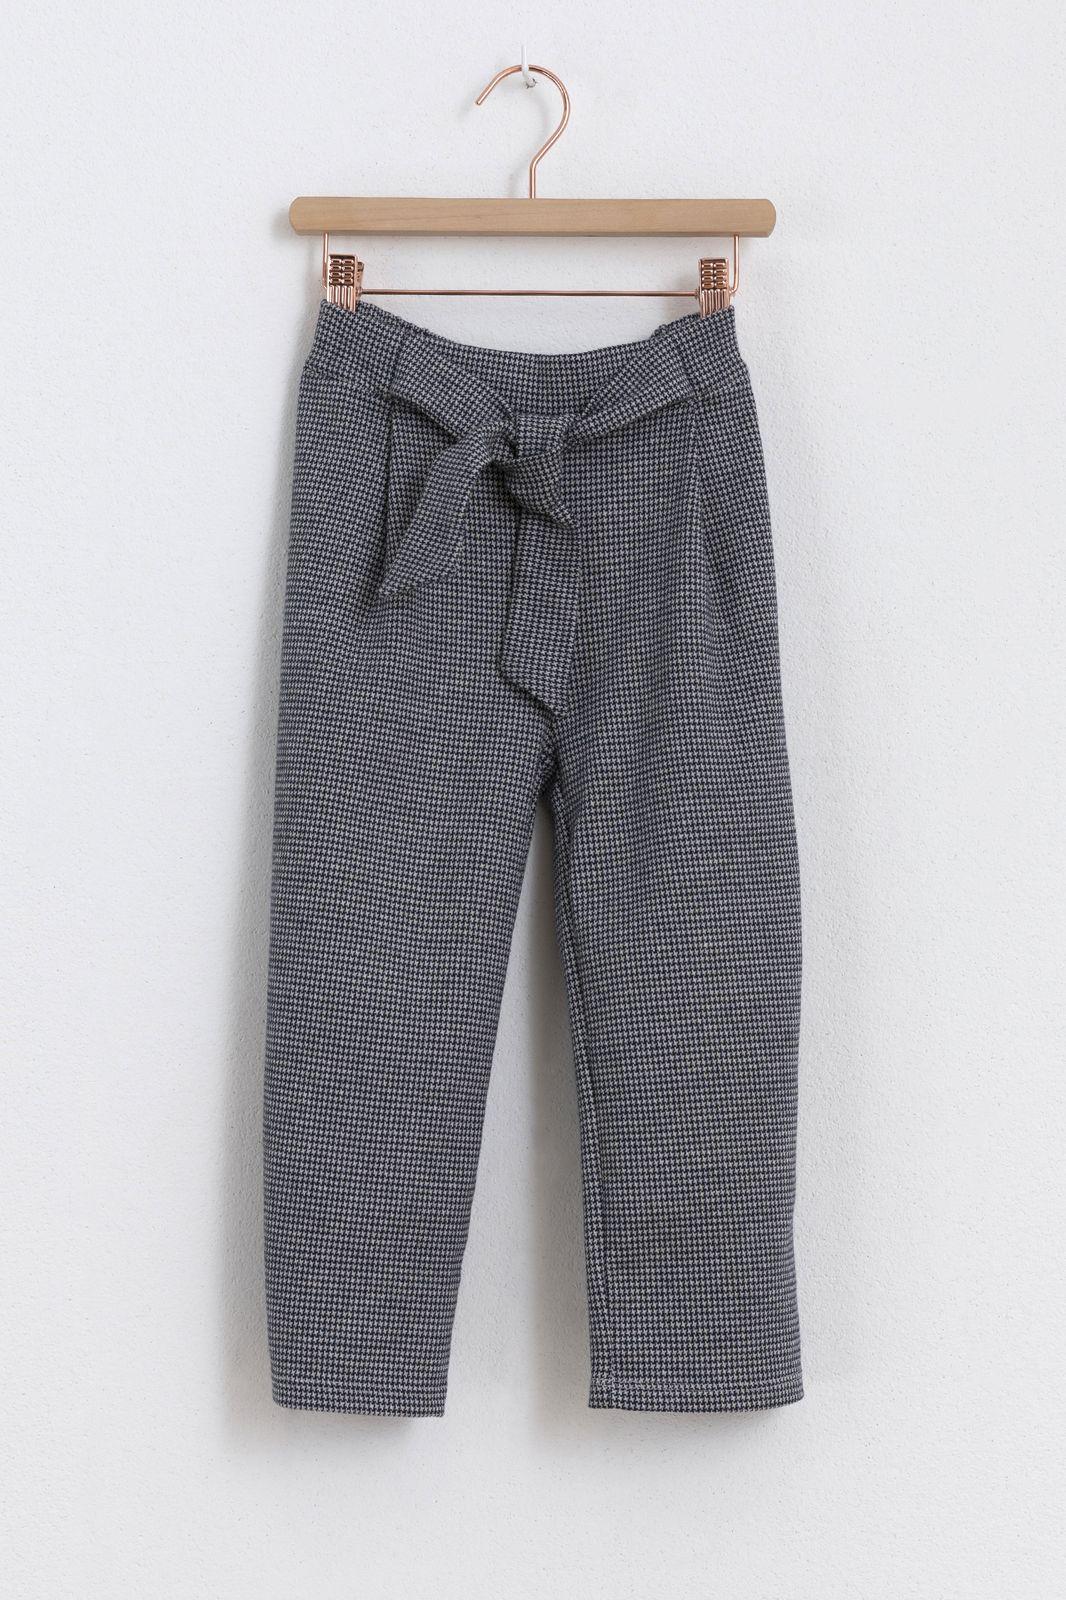 Blauw/wit geruiten broek met strik